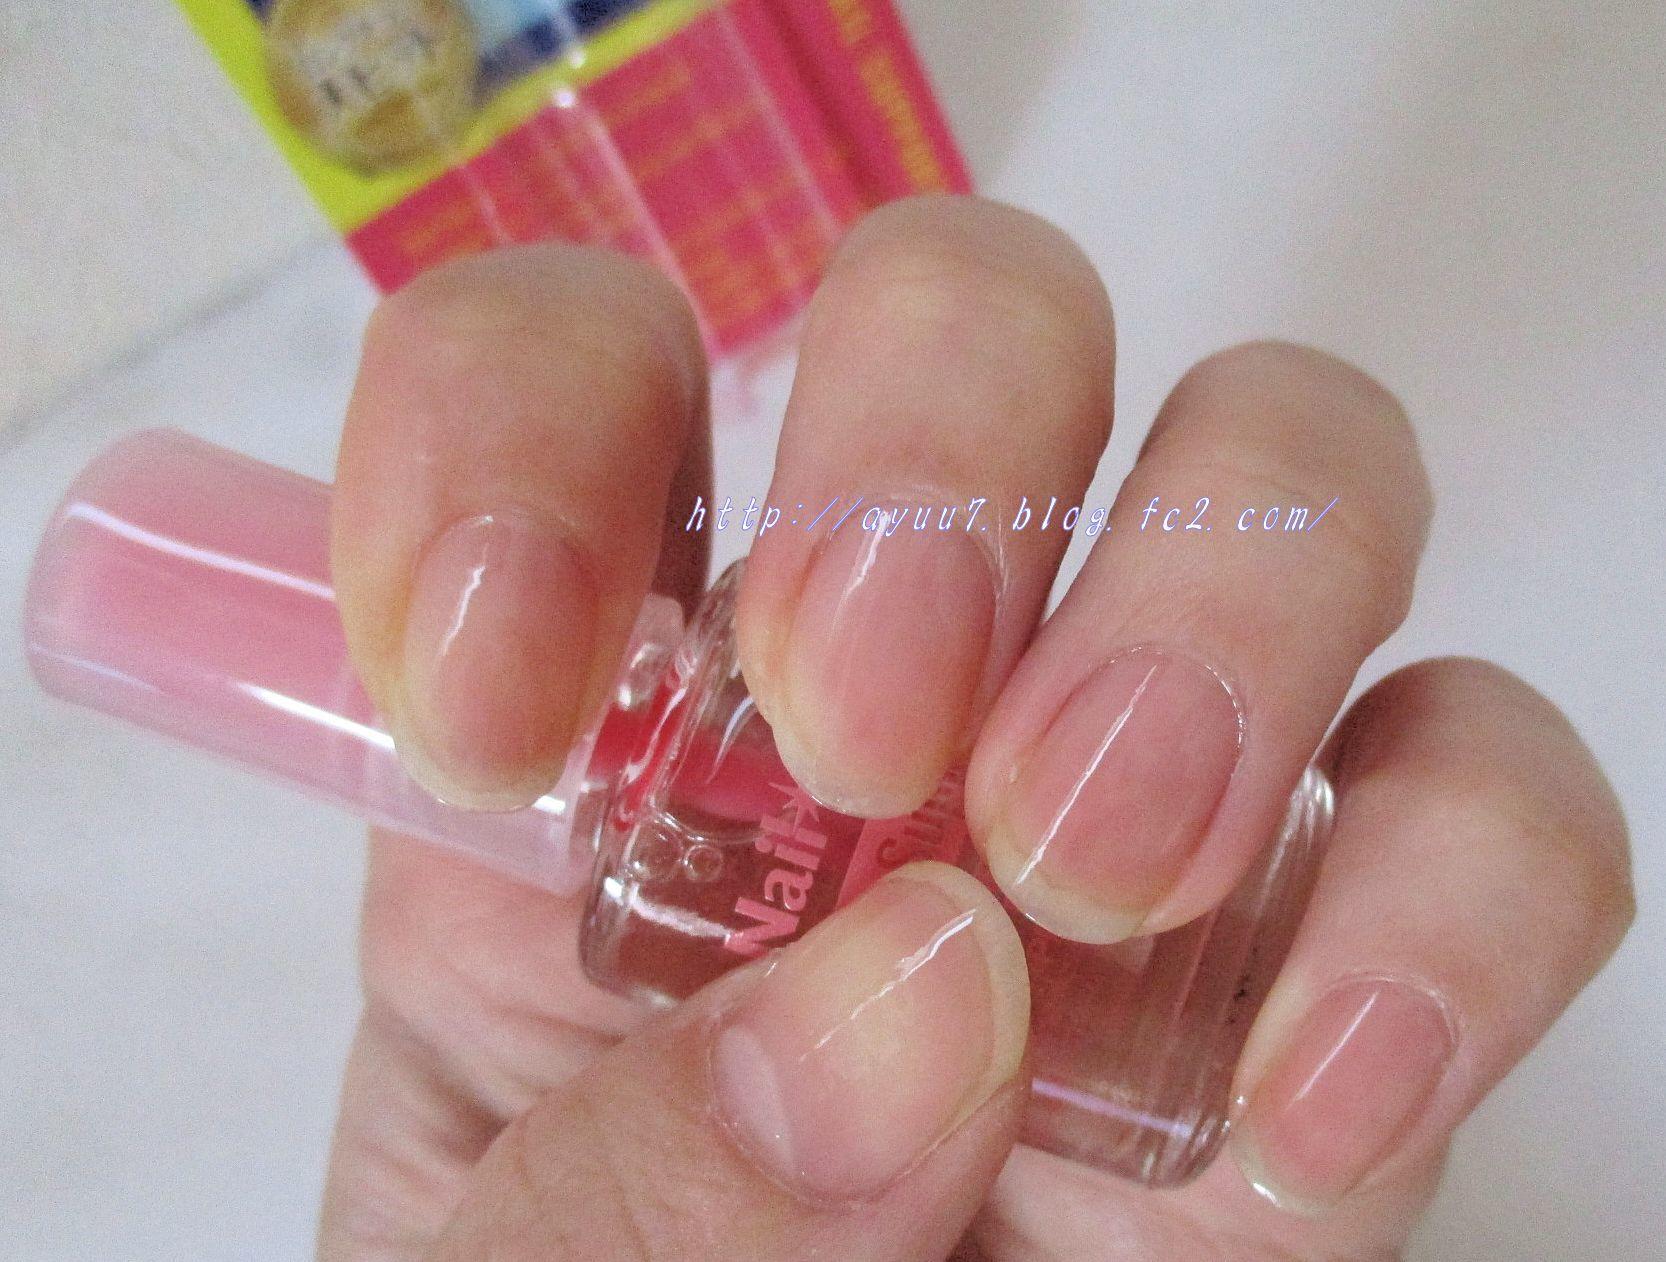 nailsupport4.jpg